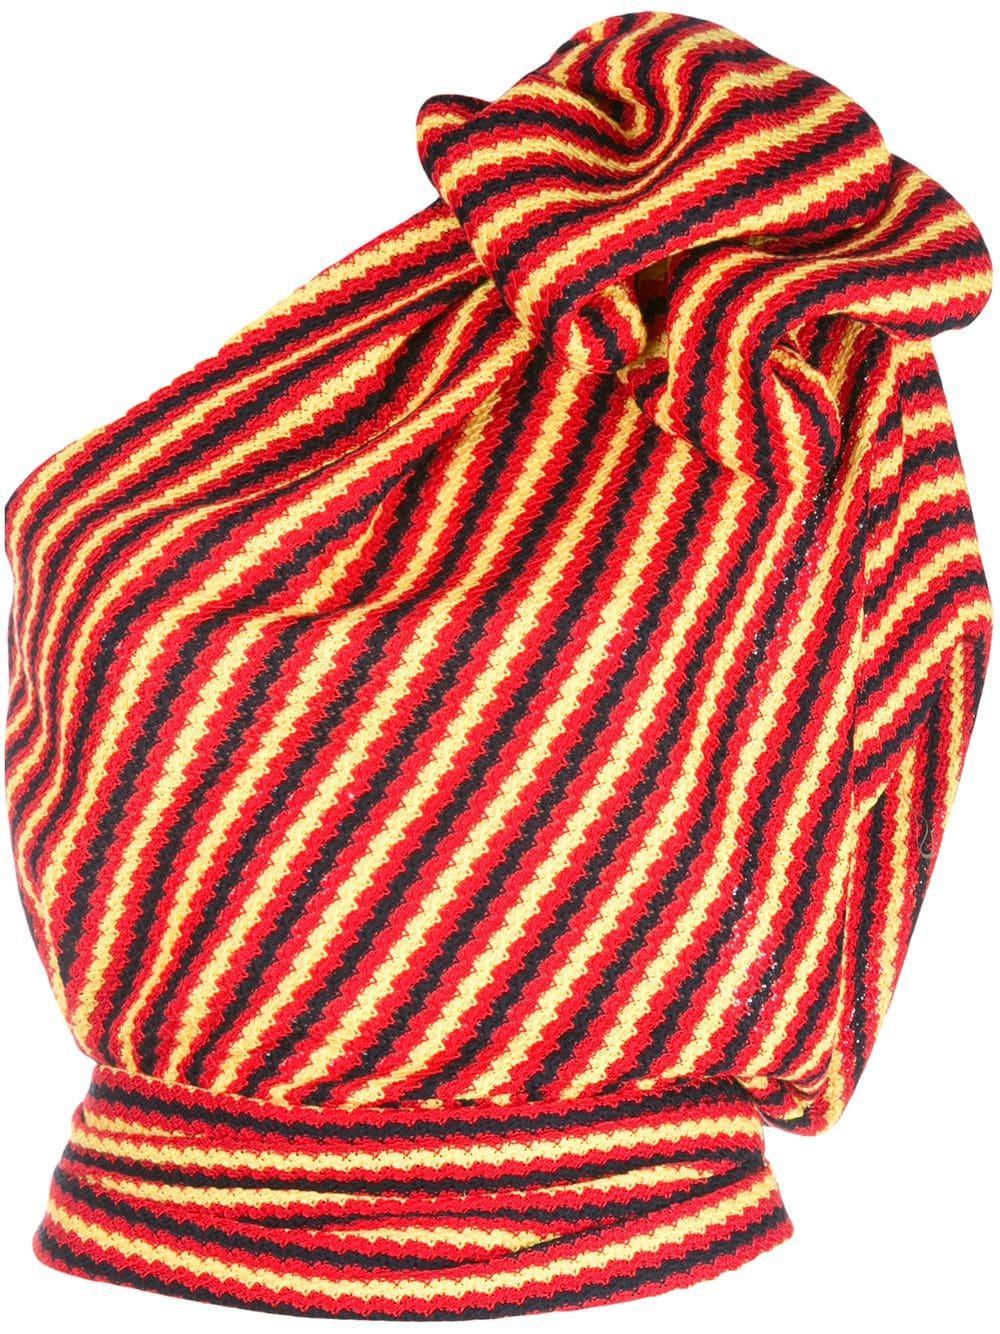 One Shoulder Crochet Jersey Top